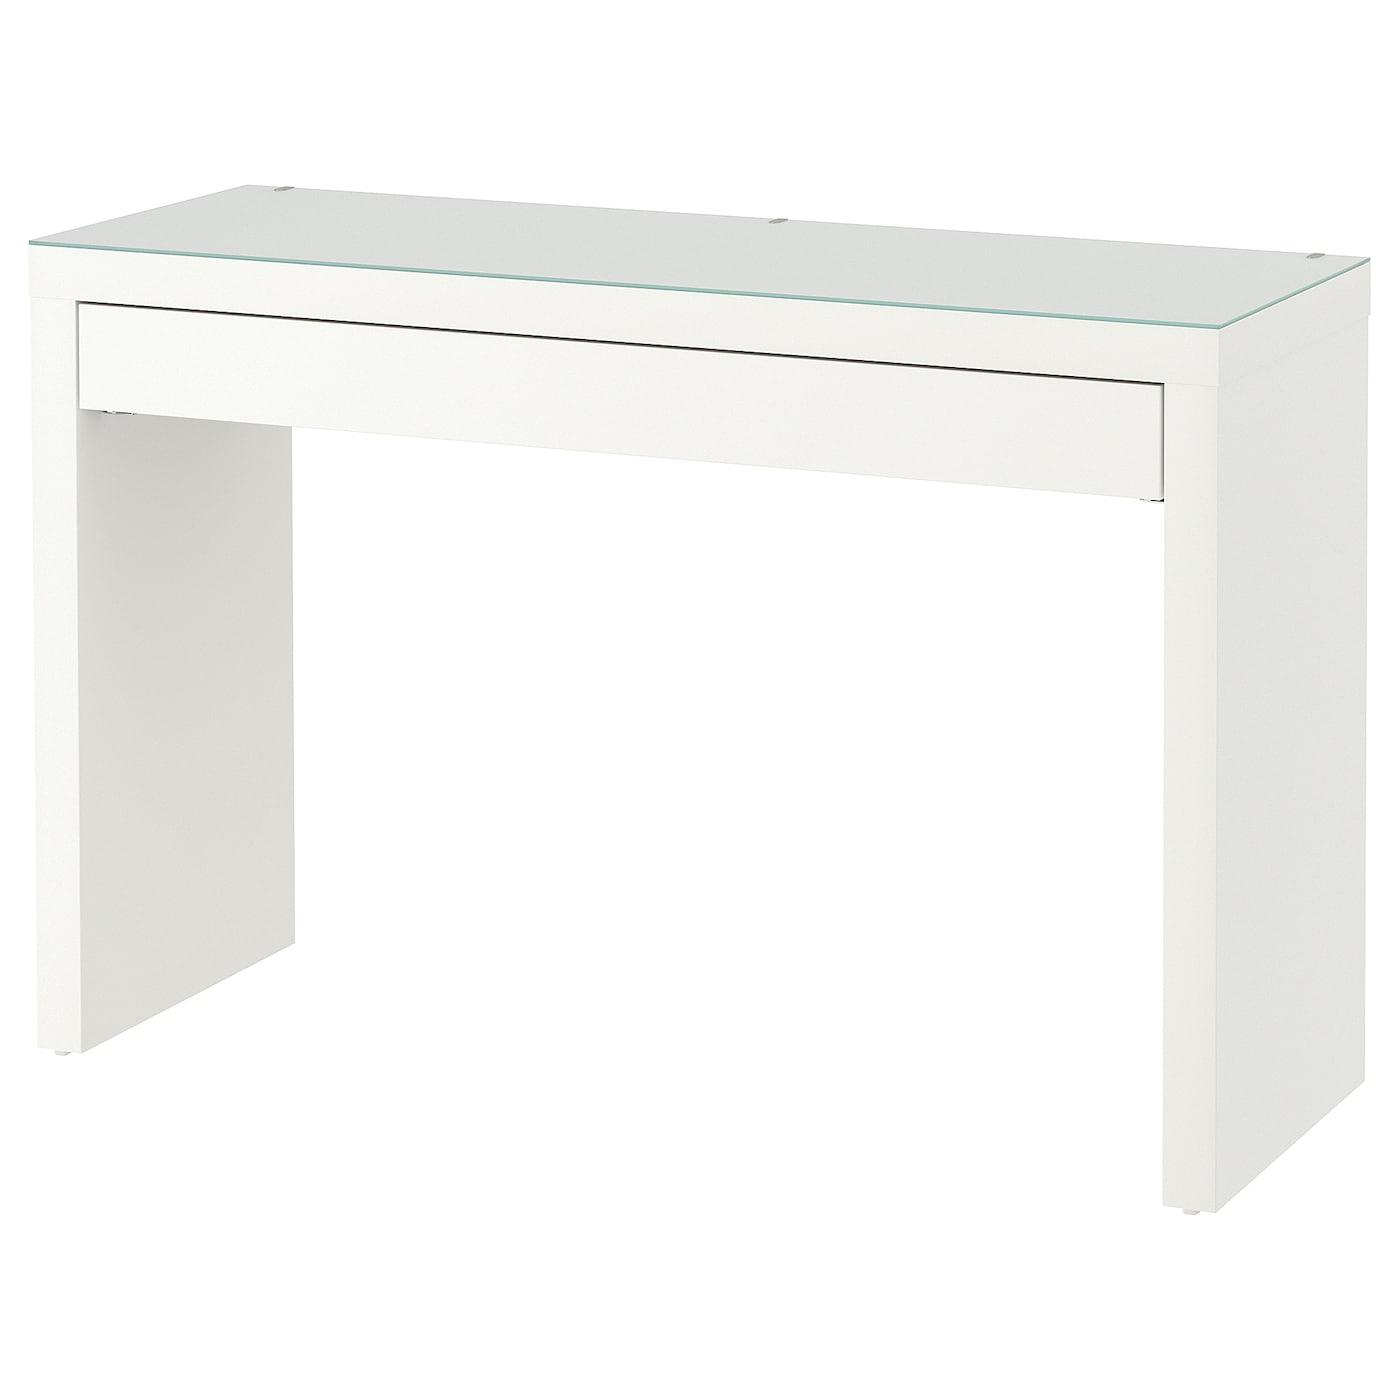 MALM Frisiertisch weiß 120x41 cm